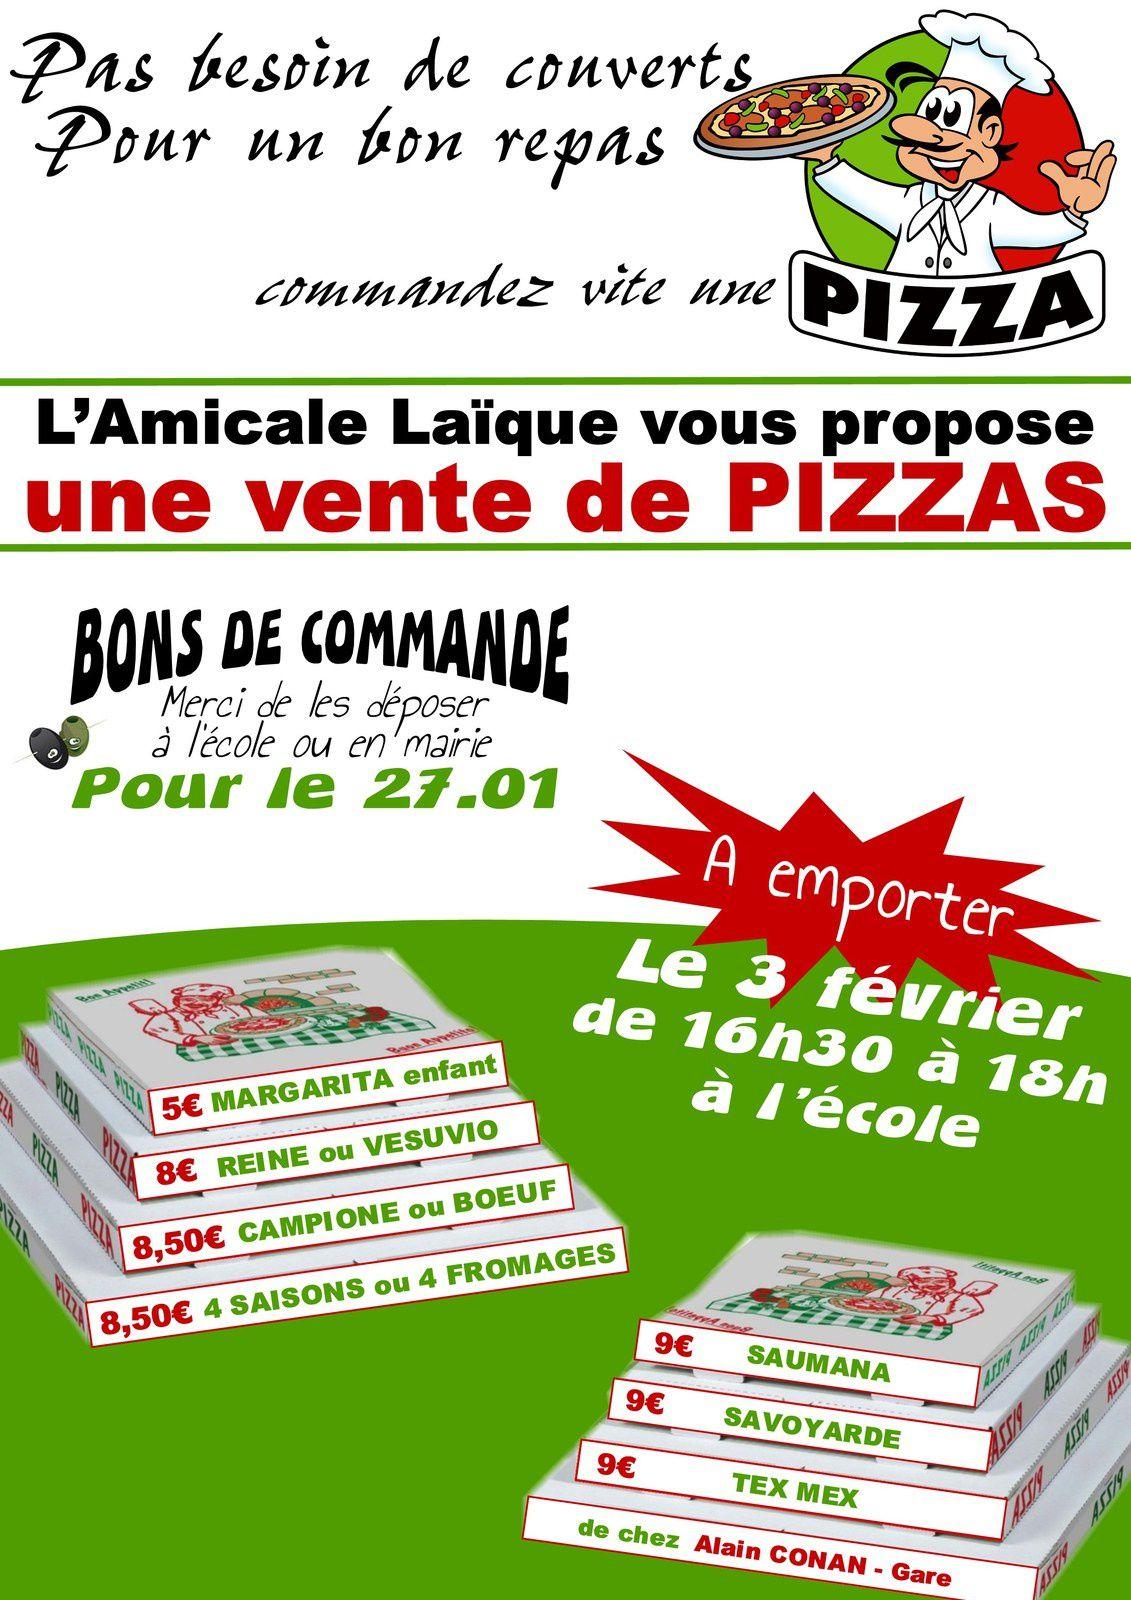 ➤ N'hésite pas, commande vite ta pizza !